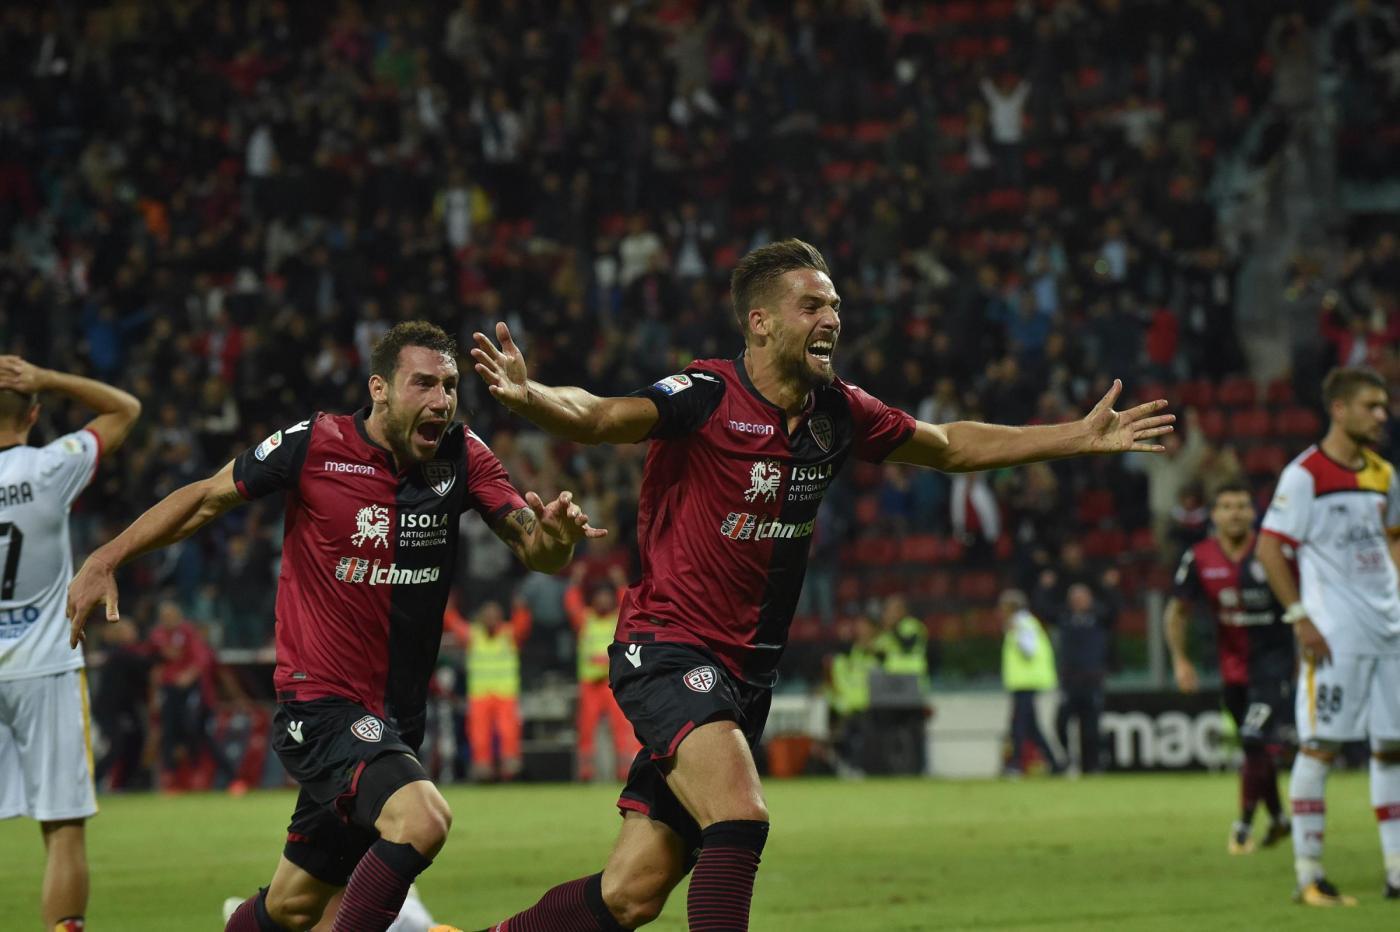 Cagliari-Palermo domenica 12 agosto